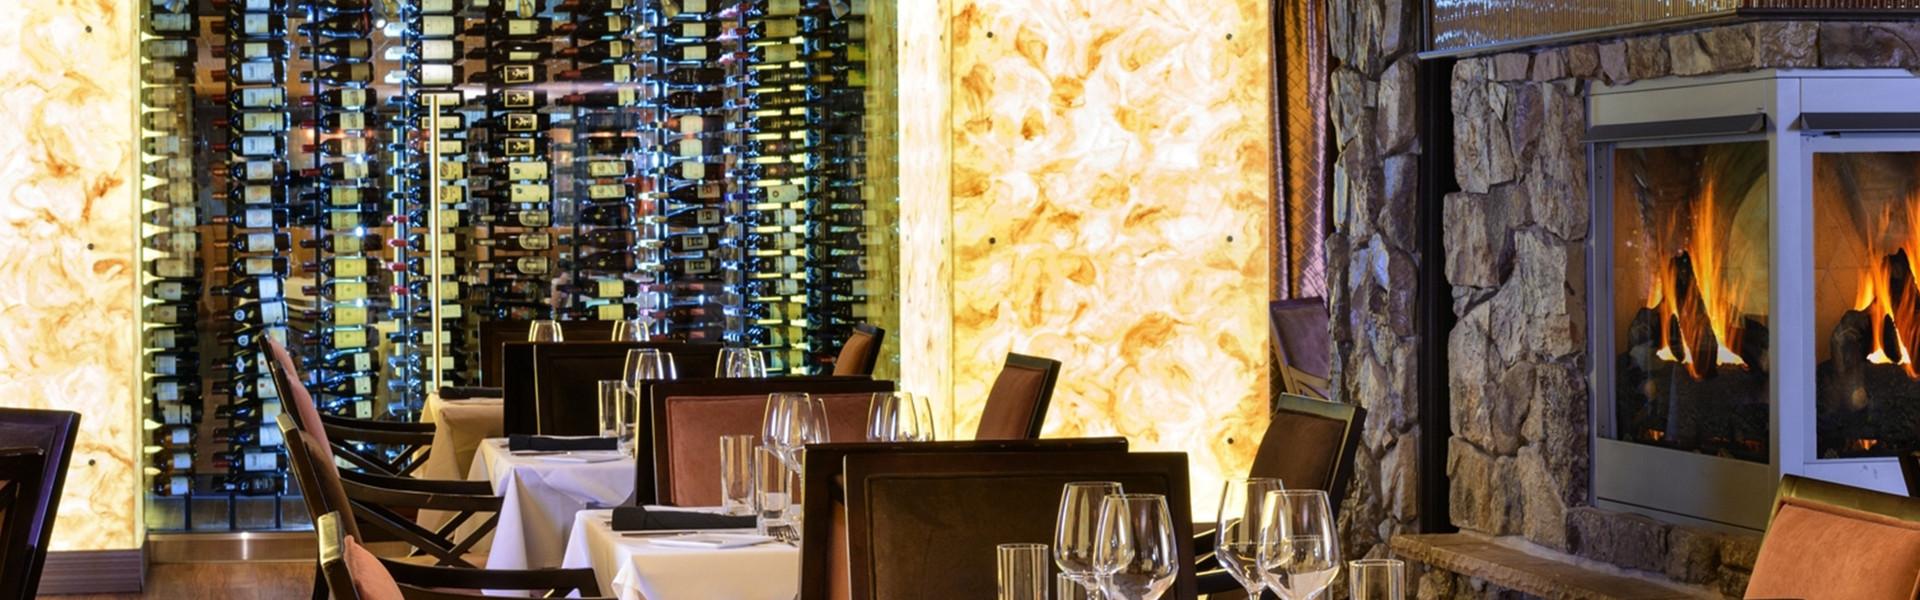 Restaurants and Dining in Park City, Utah | Edge Steakhouse